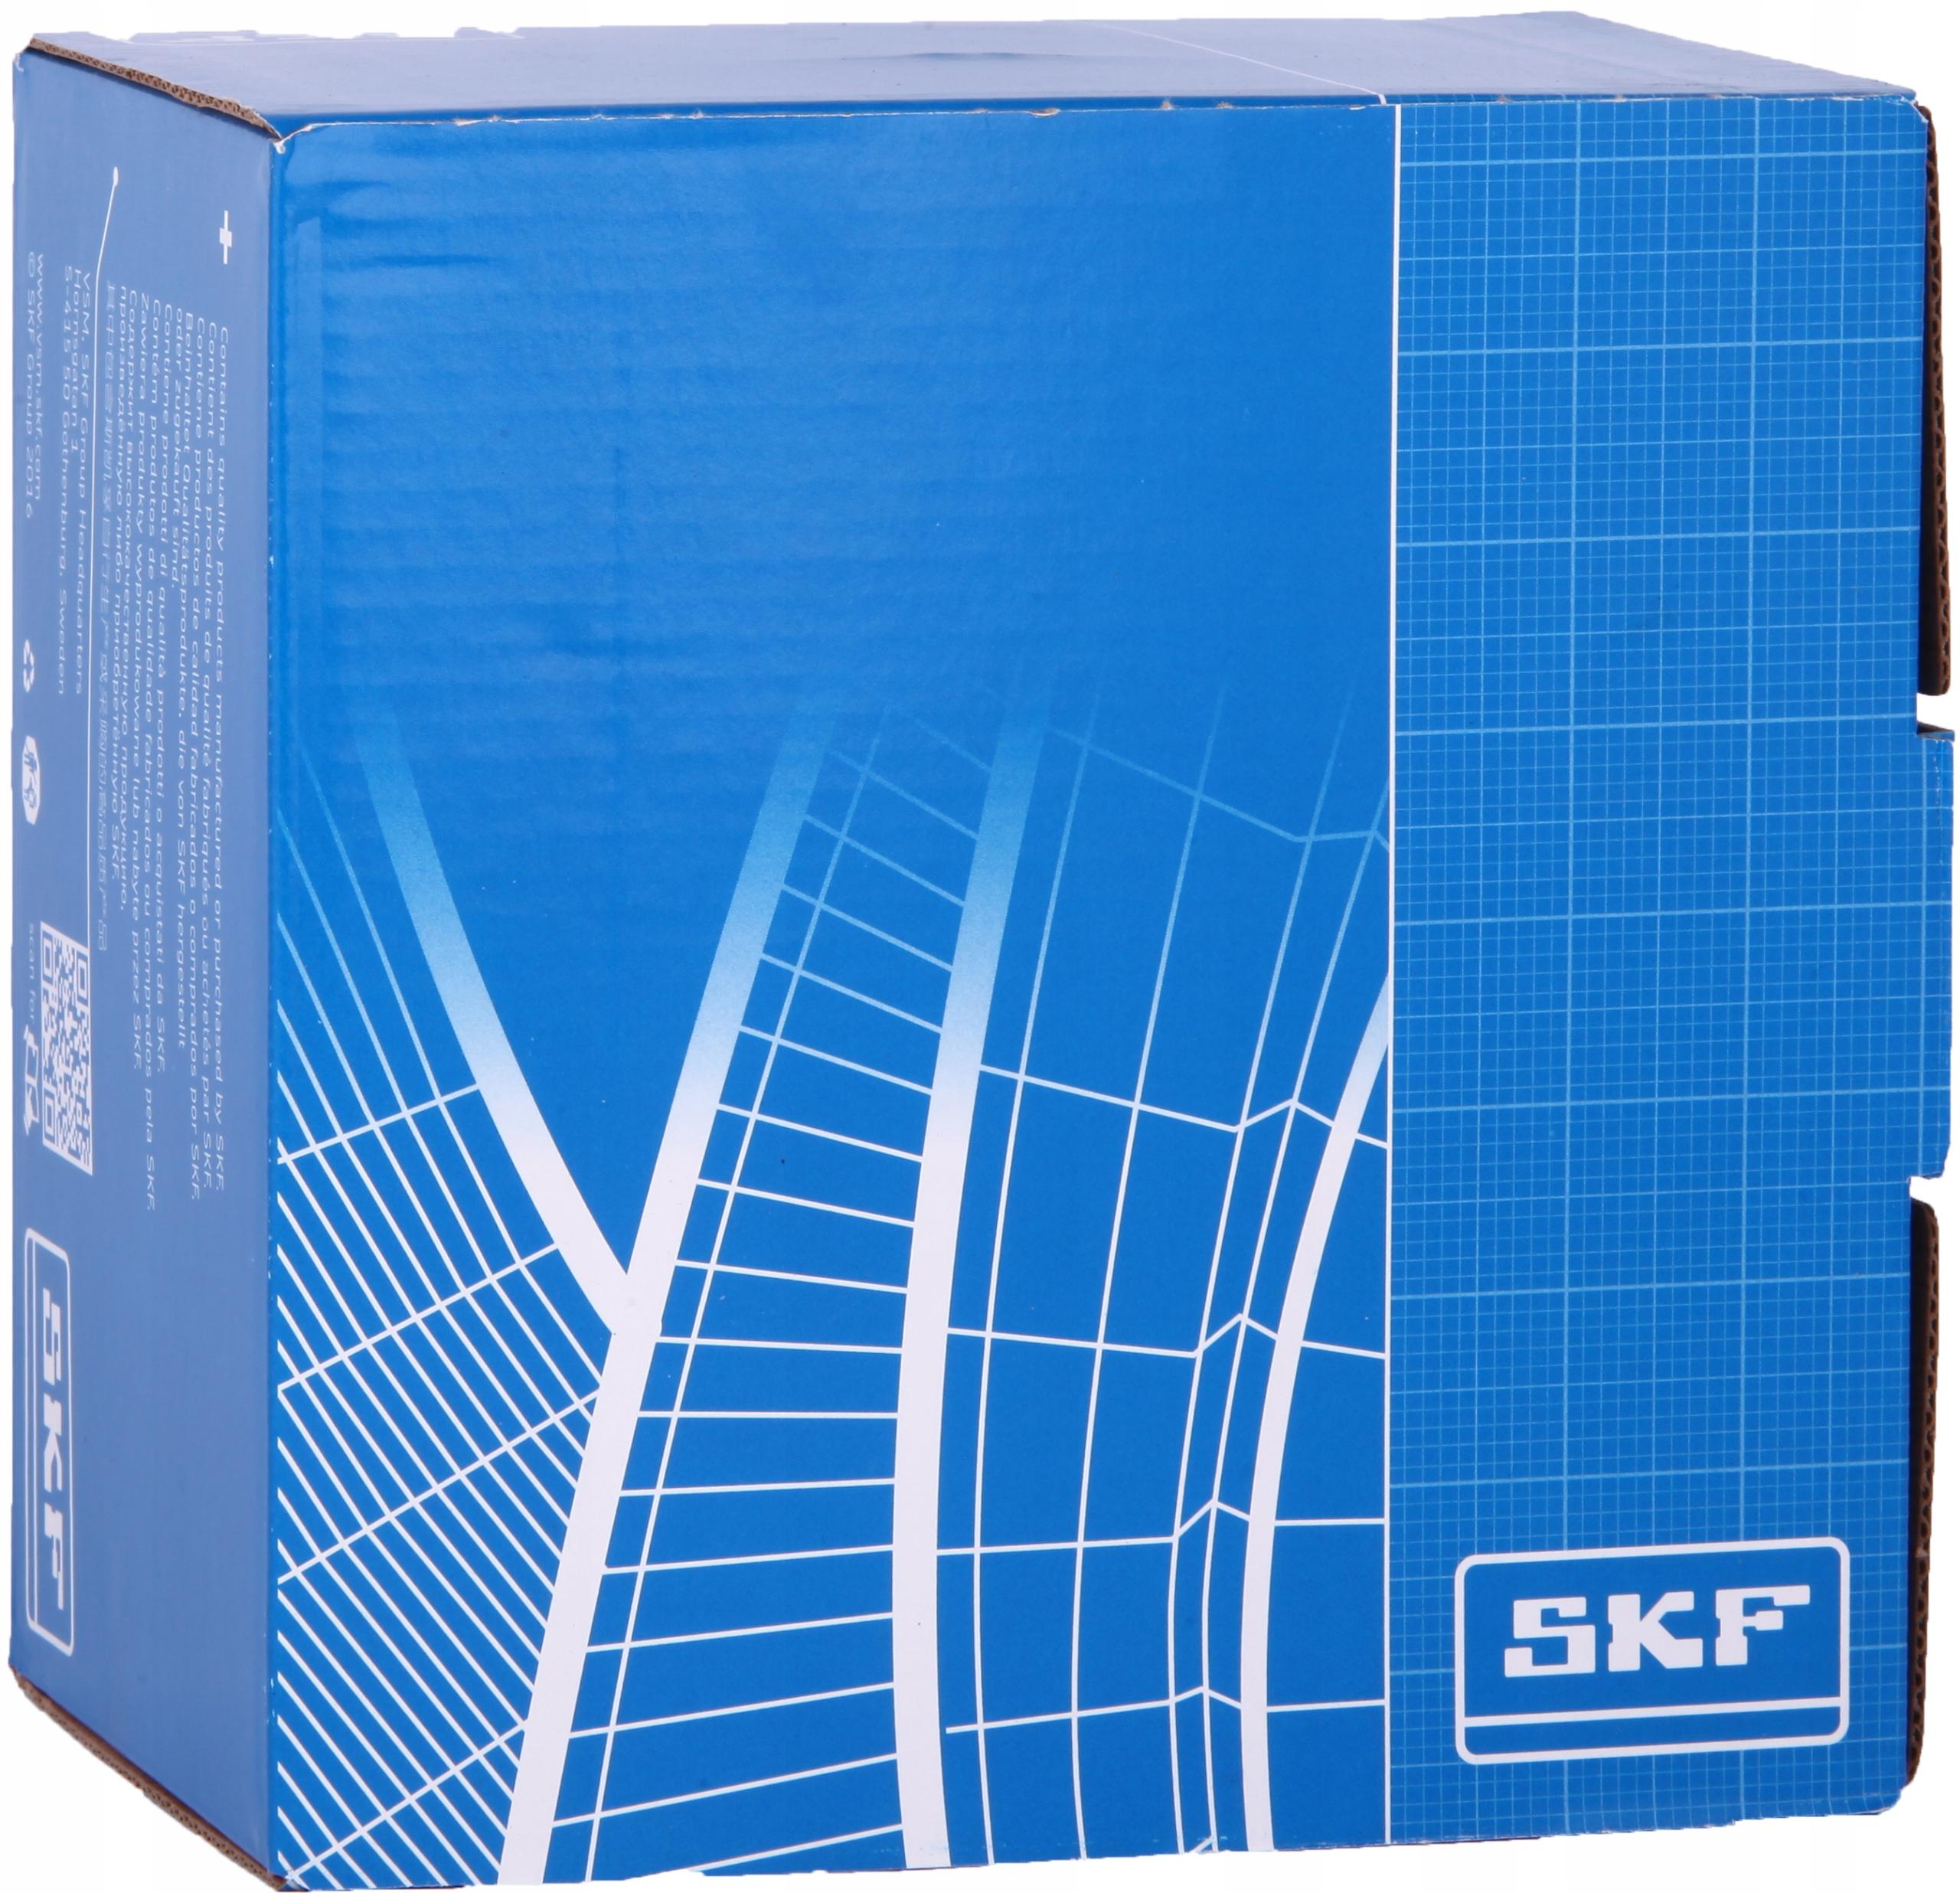 панель клиновой ремень skf vkmv 5pk1212